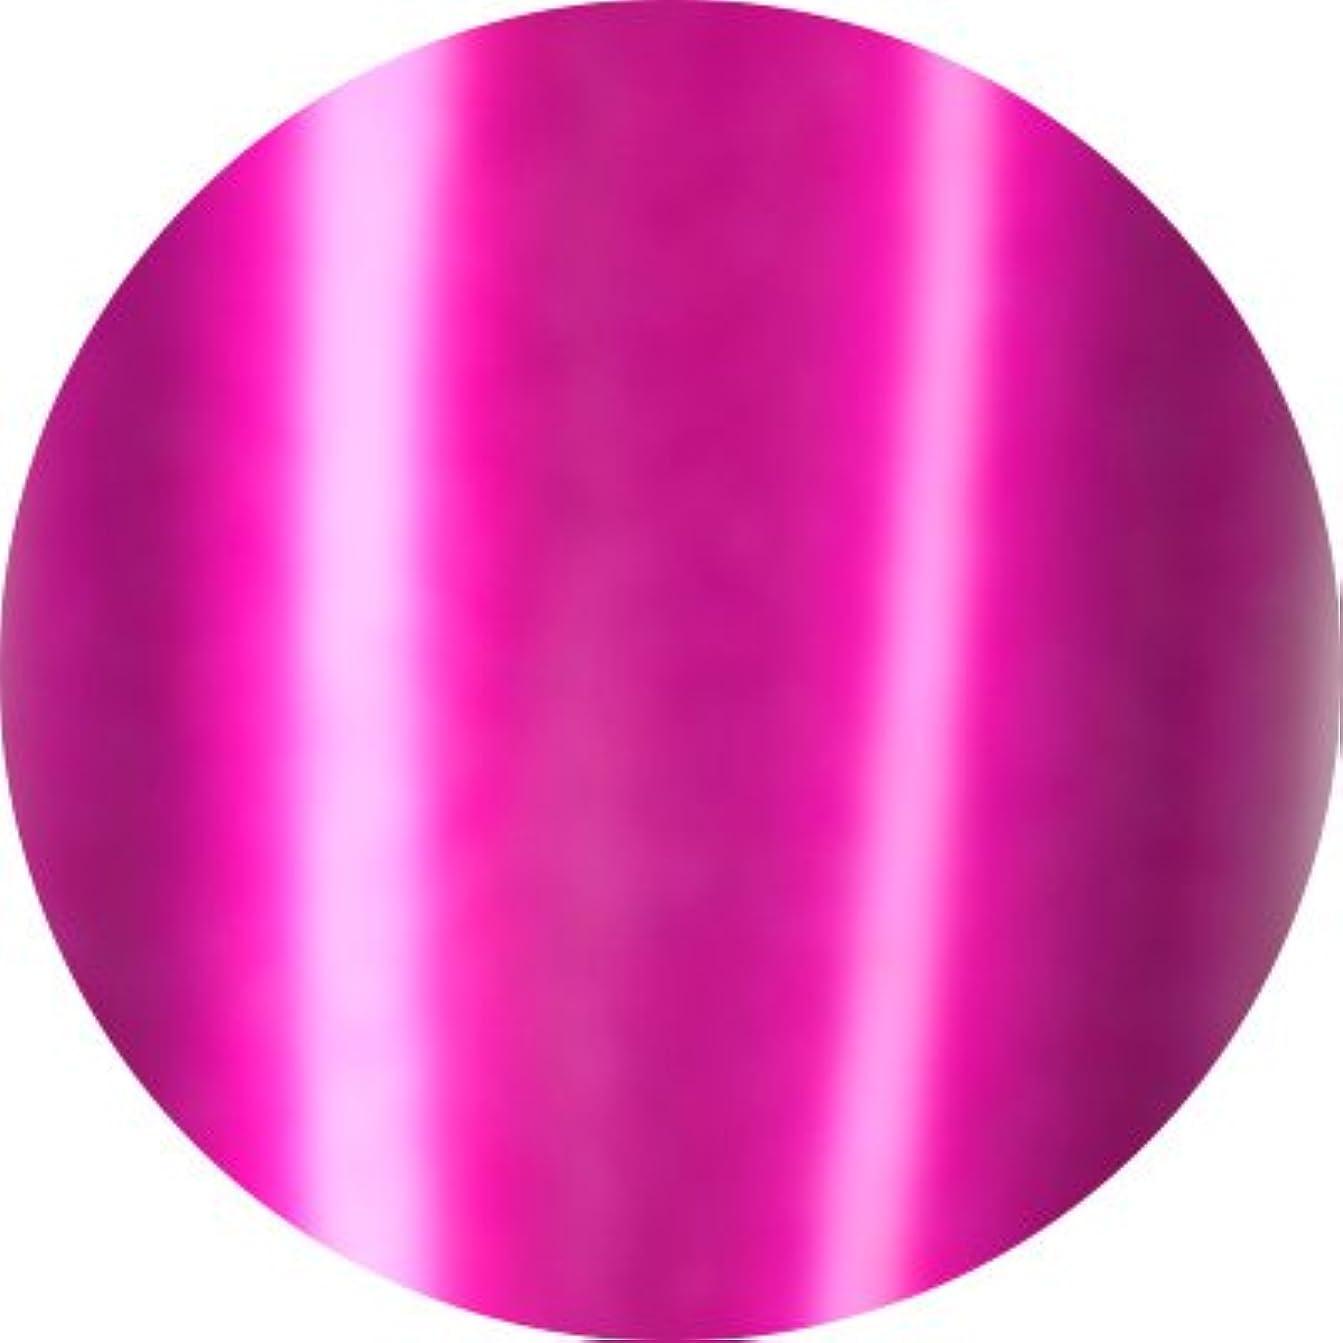 謝罪する電池毎年Jewelry jel(ジュエリージェル) カラージェル 5ml<BR>メタリック MT022